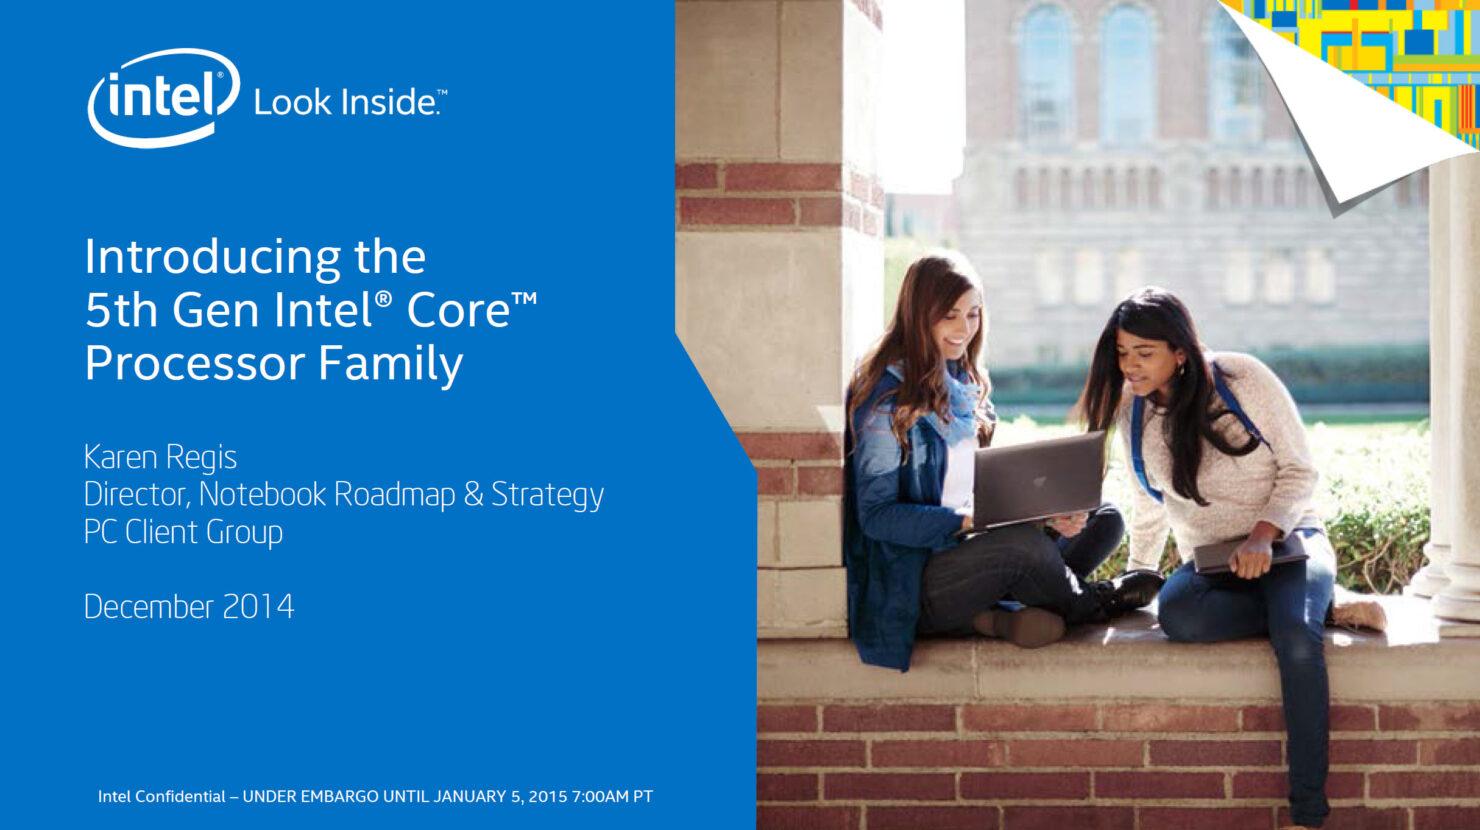 intel-5th-generation-core-processor-family